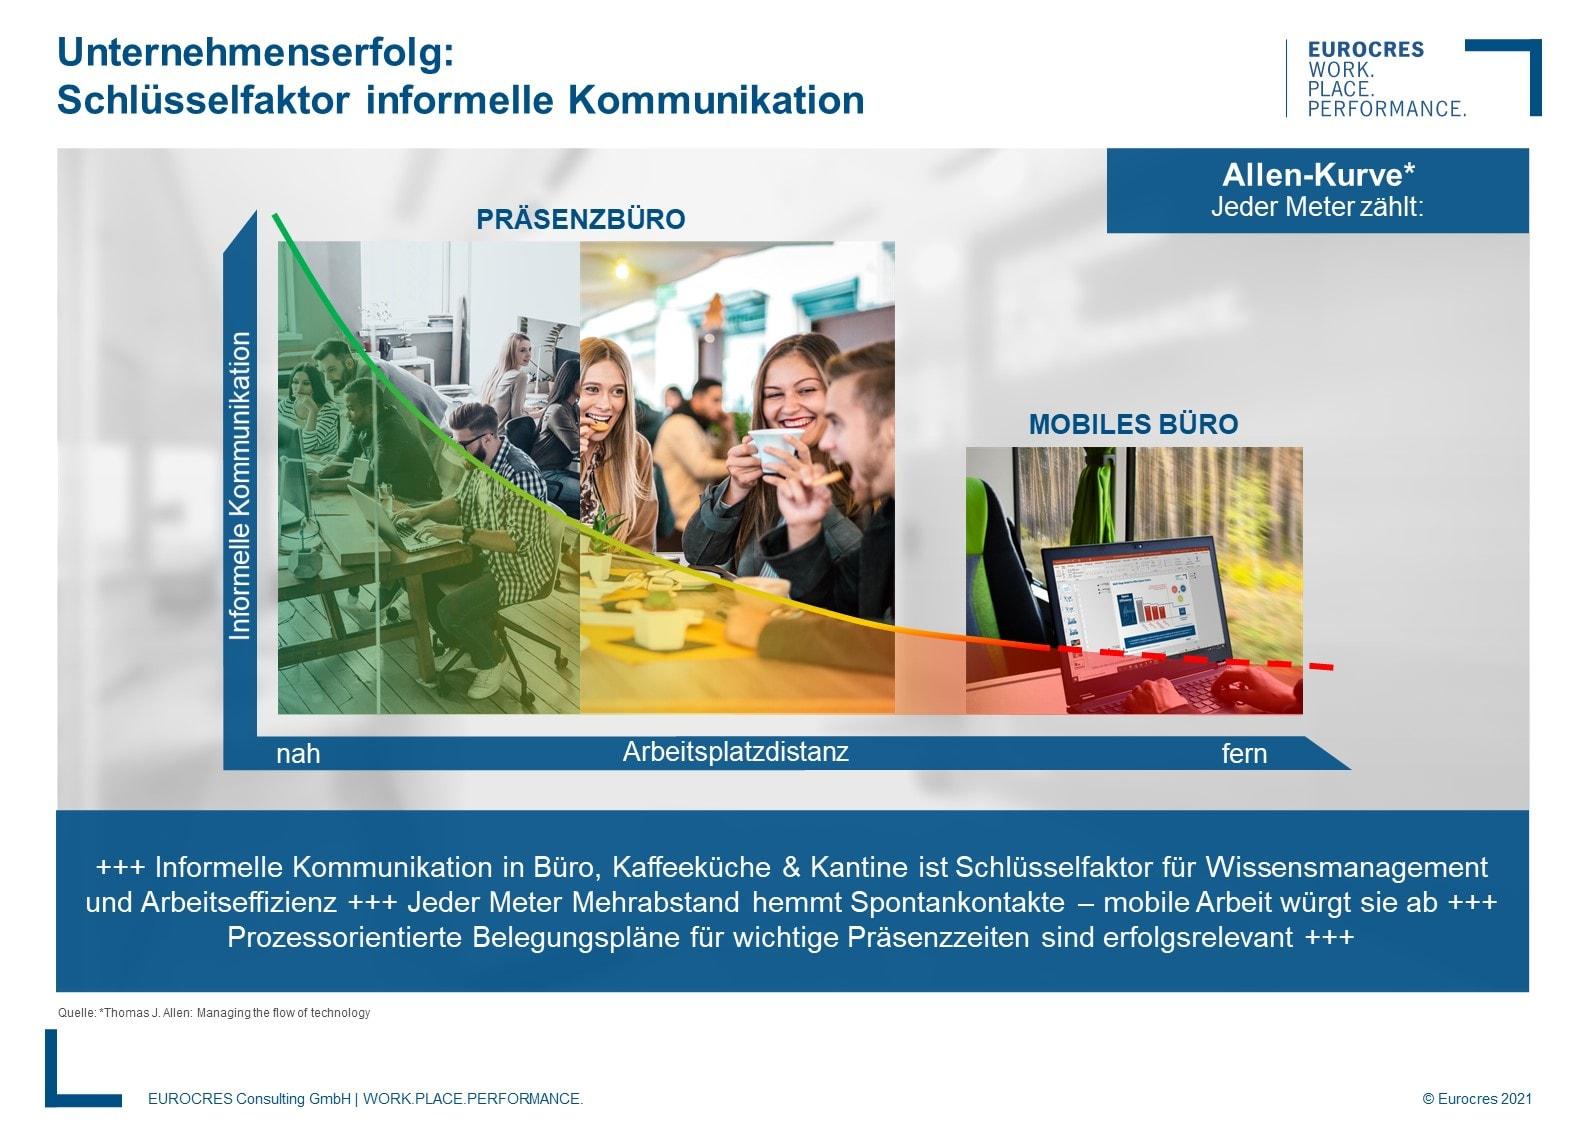 WorkPlace Flash: Schlüsselfaktor informelle Kommunikation